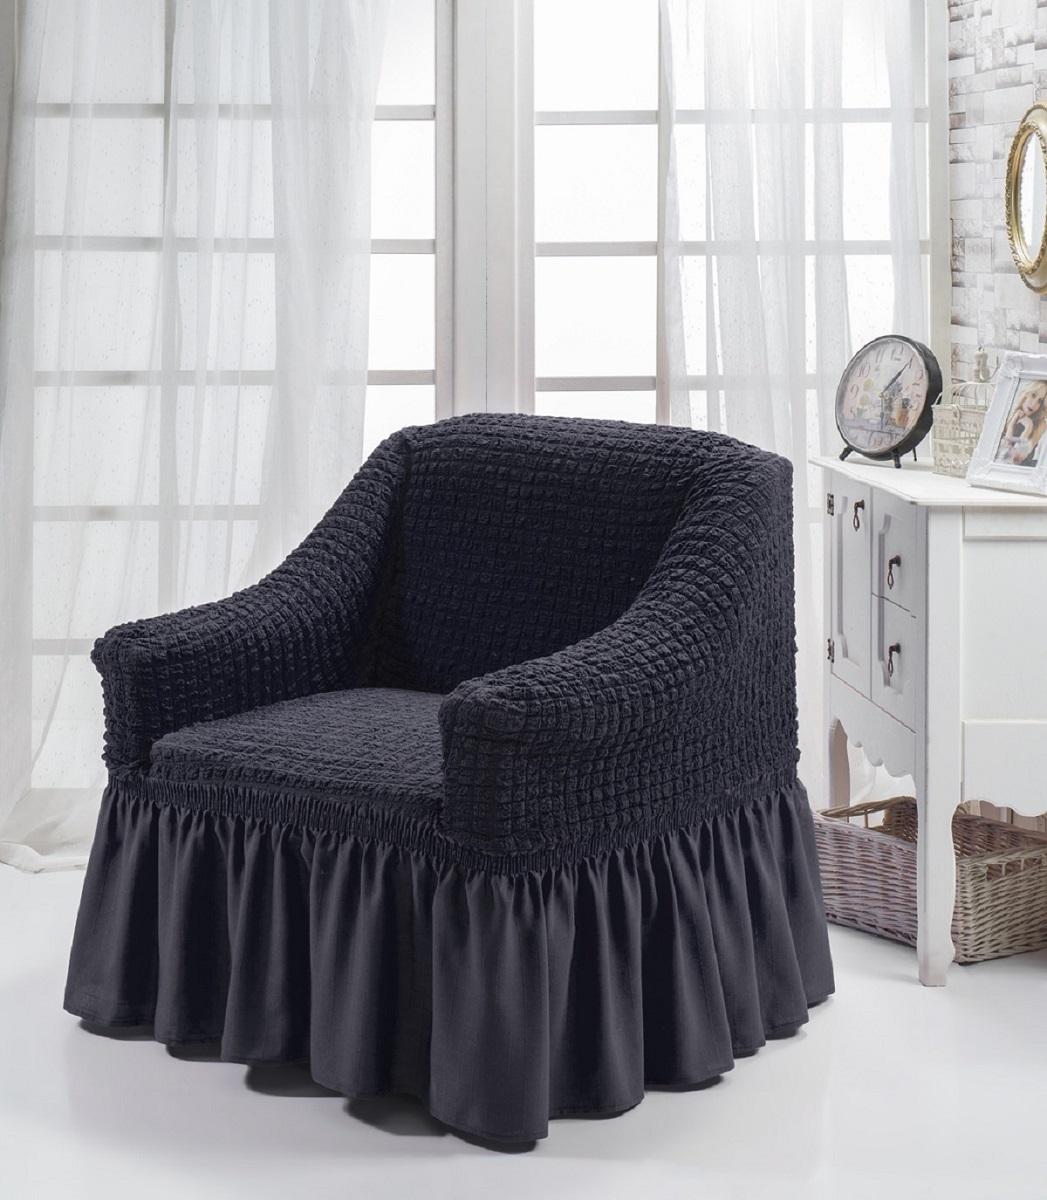 """Чехол на стул """"Burumcuk"""" выполнен из высококачественного полиэстера и хлопка с  красивым рельефом. Закрепляется на стул при помощи резинки и веревок.  Предназначен для классического стула со спинкой. Такой чехол изысканно  дополнит интерьер вашего дома.  Ширина и глубина посадочного места: 70-80 см. Высота спинки от посадочного места: 70-80 см. Высота подлокотников: 35-45 см. Ширина подлокотников: 25-35 см. Высота юбки: 35 см."""